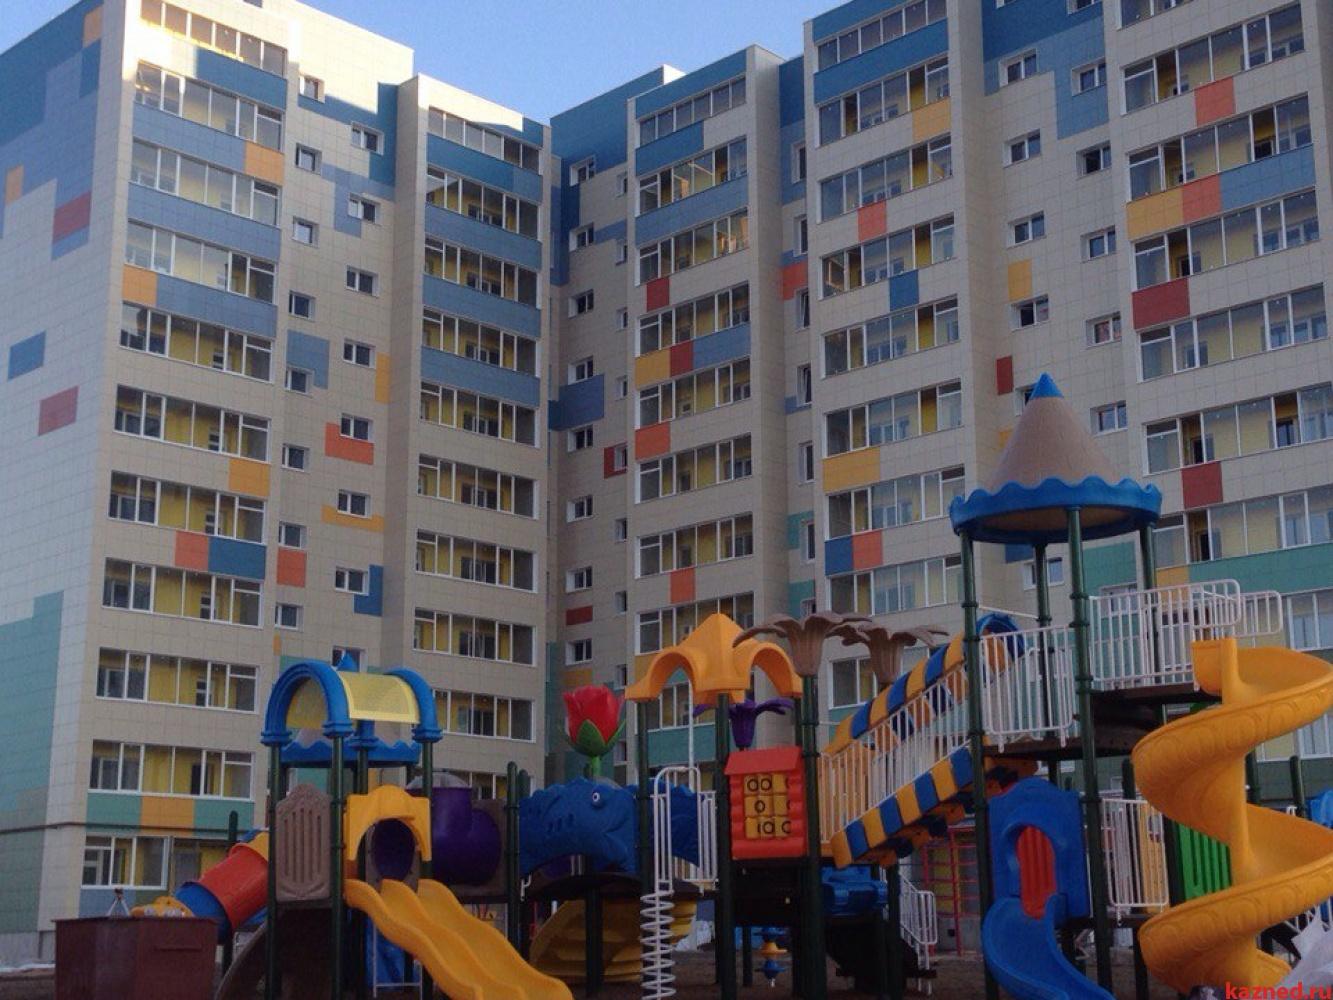 Продажа 3-к квартиры Пр. Строителей 20, 73 м2  (миниатюра №1)